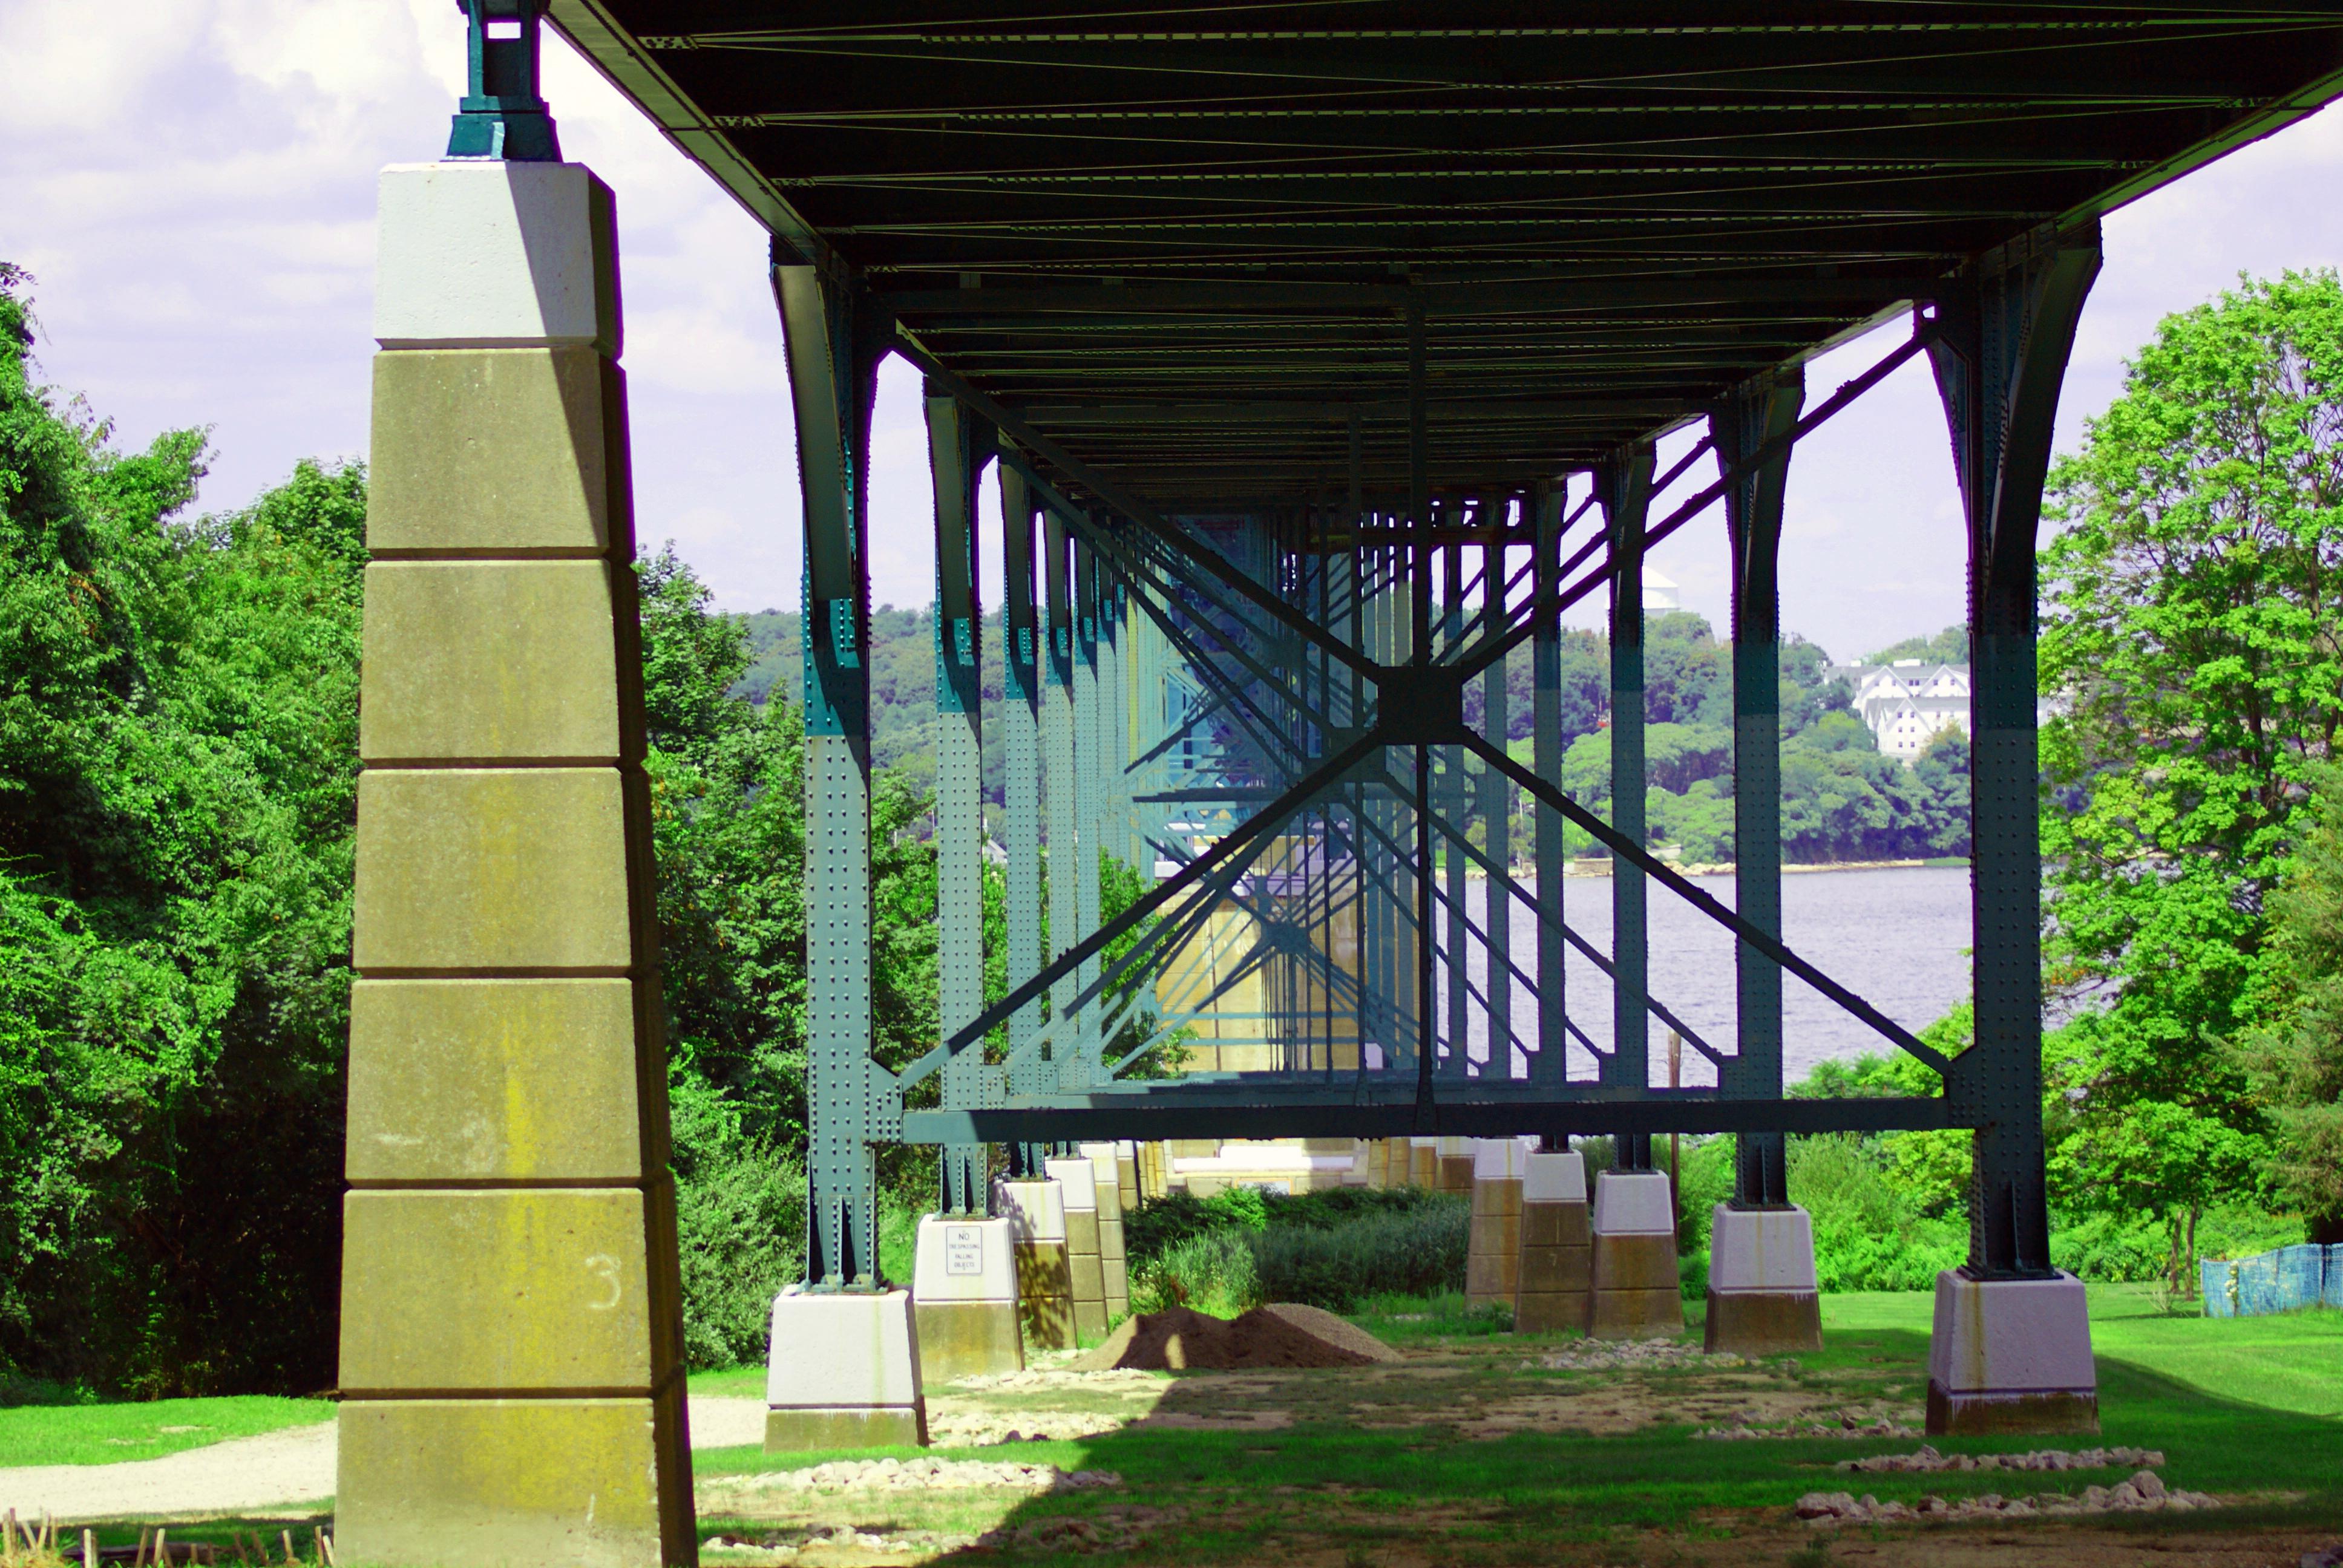 Under The Bridge, Architecture, Suspension, River, Road, HQ Photo